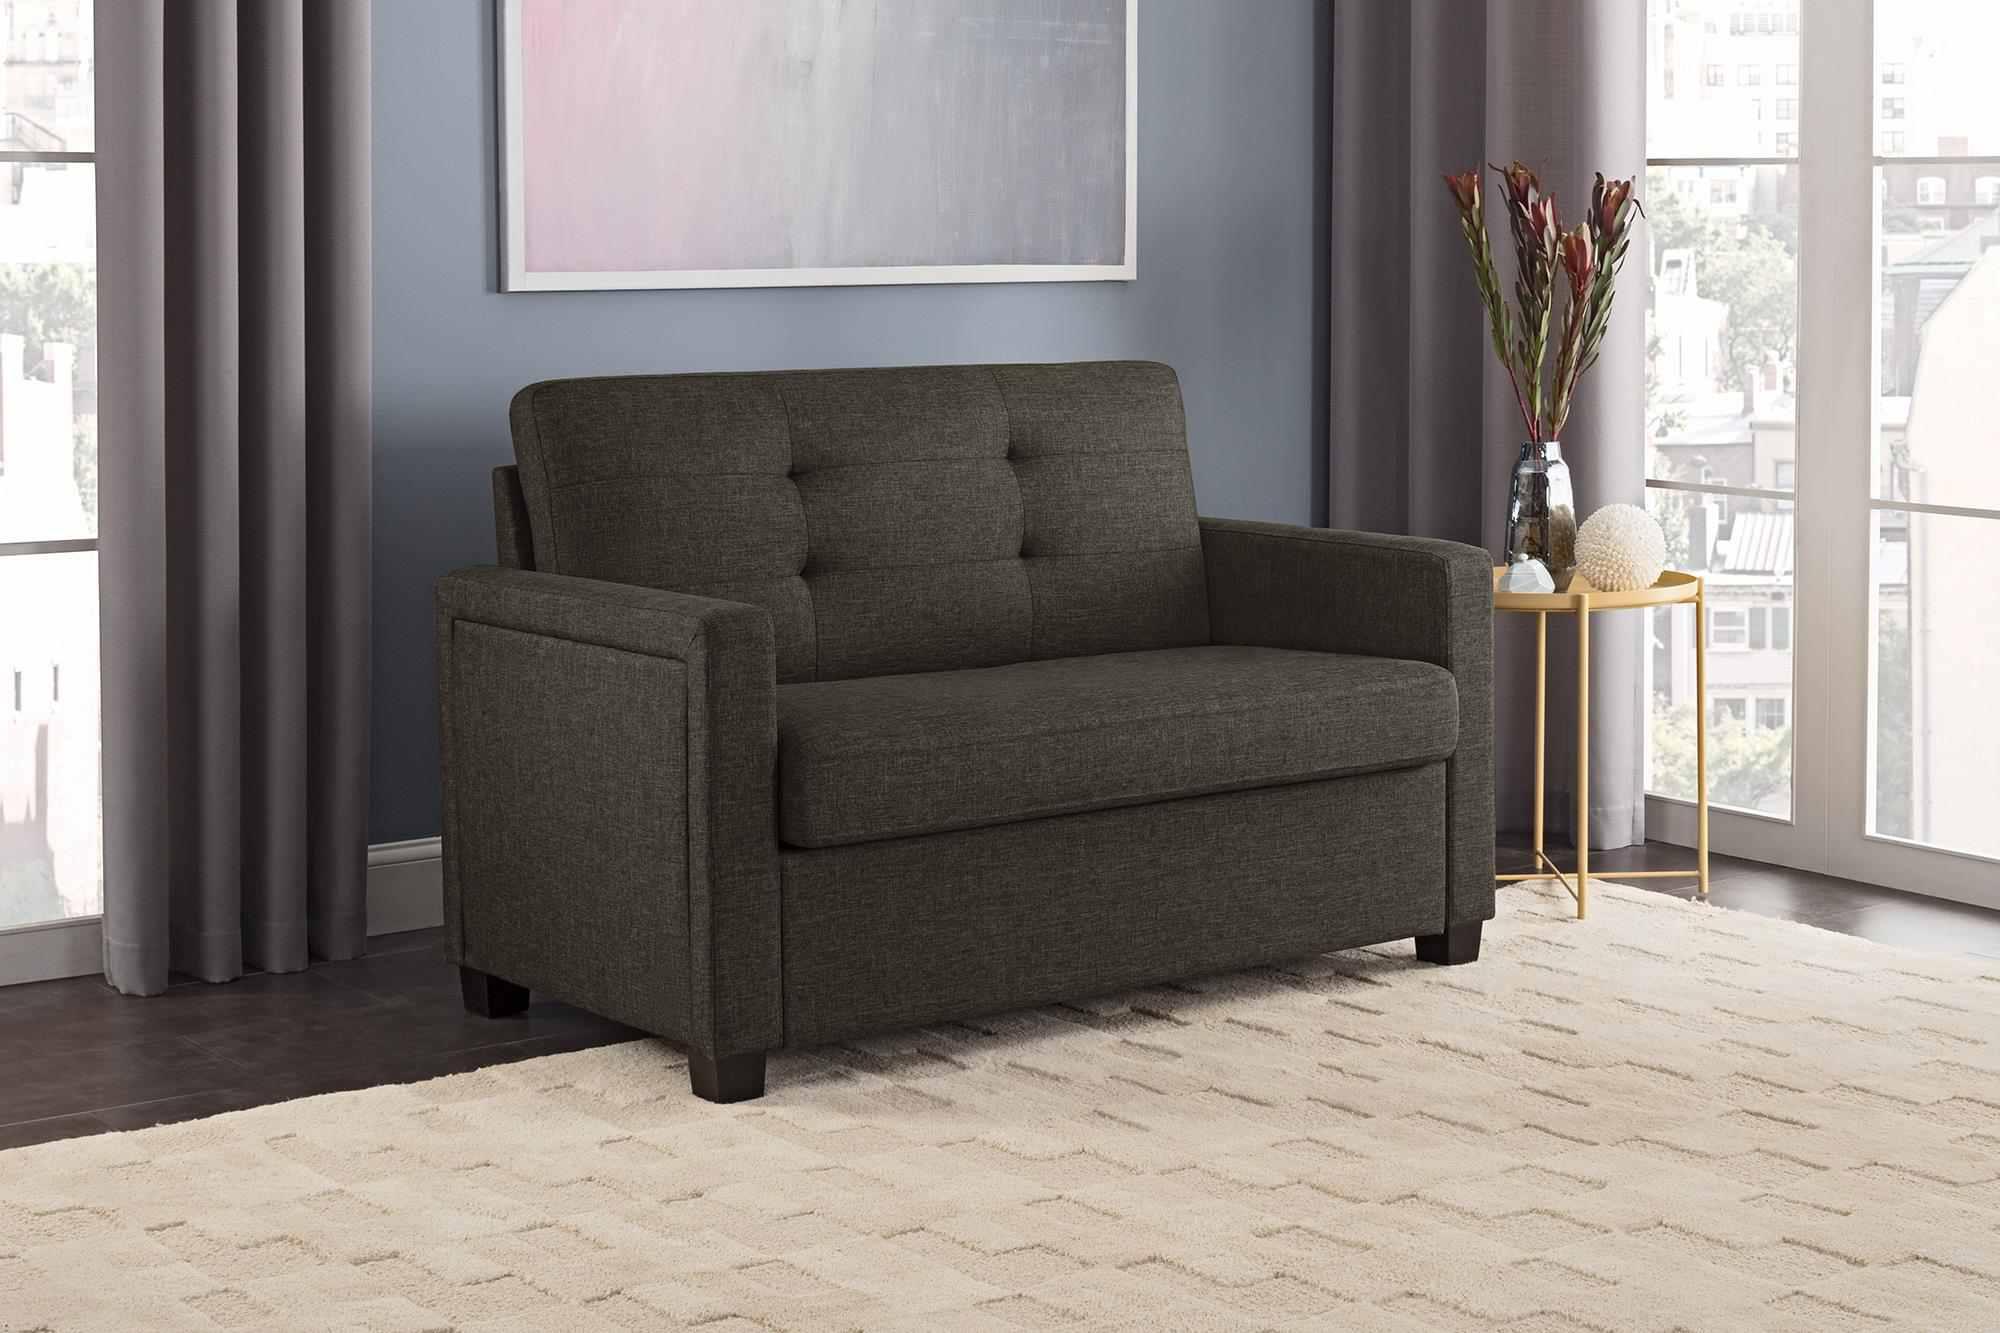 Better Homes and Gardens Porter Sleeper Sofa